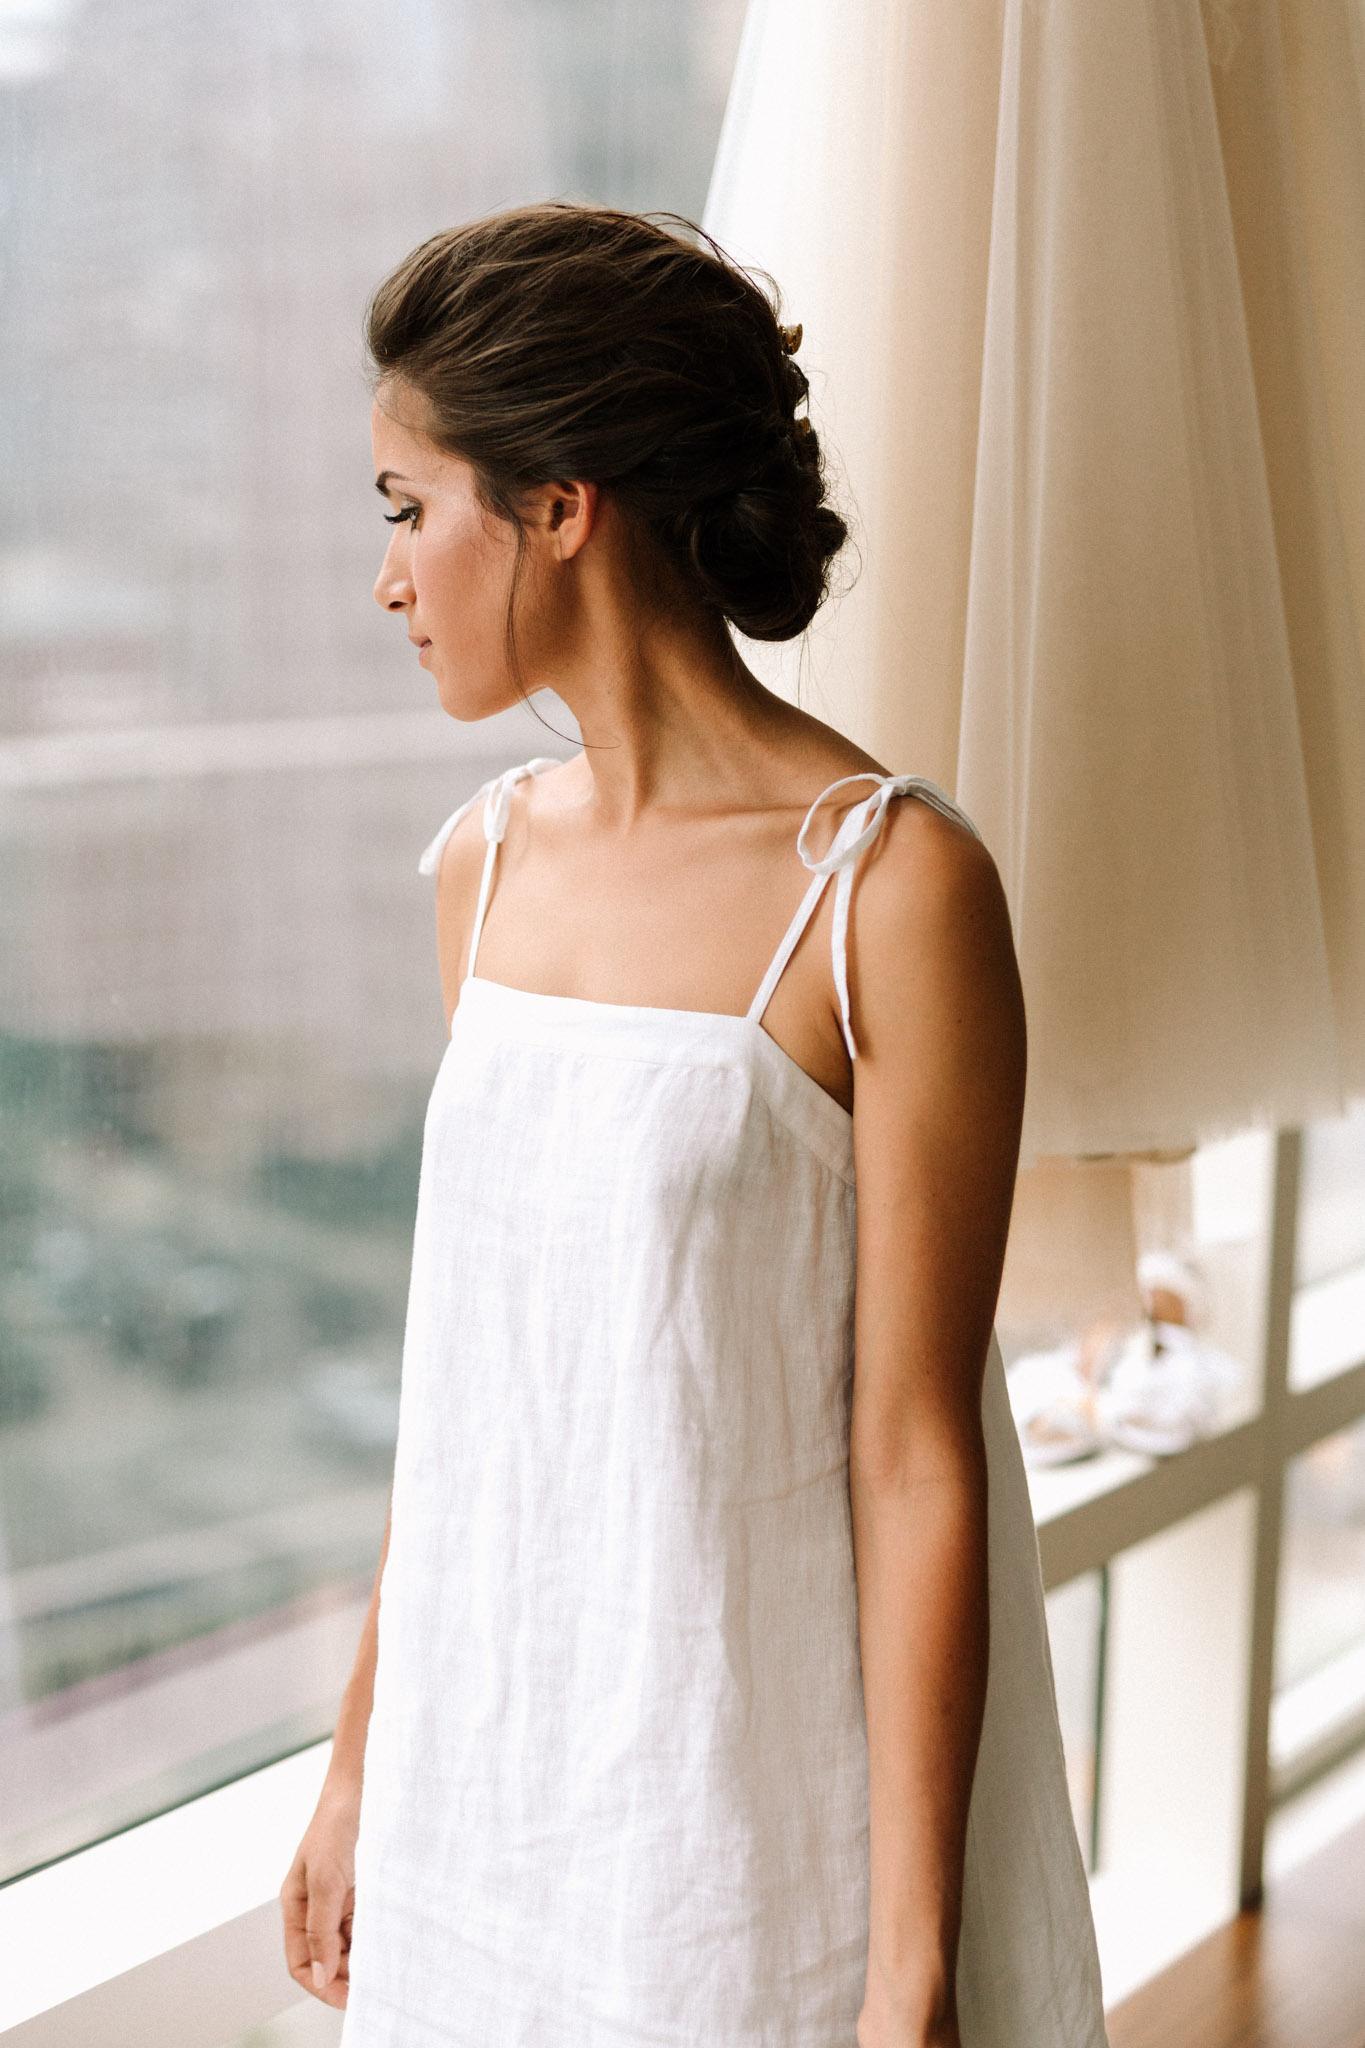 Laura Rowe Photography, Toronto Wedding, Momofuko, Intimate Toronto Weddding  -12.jpg